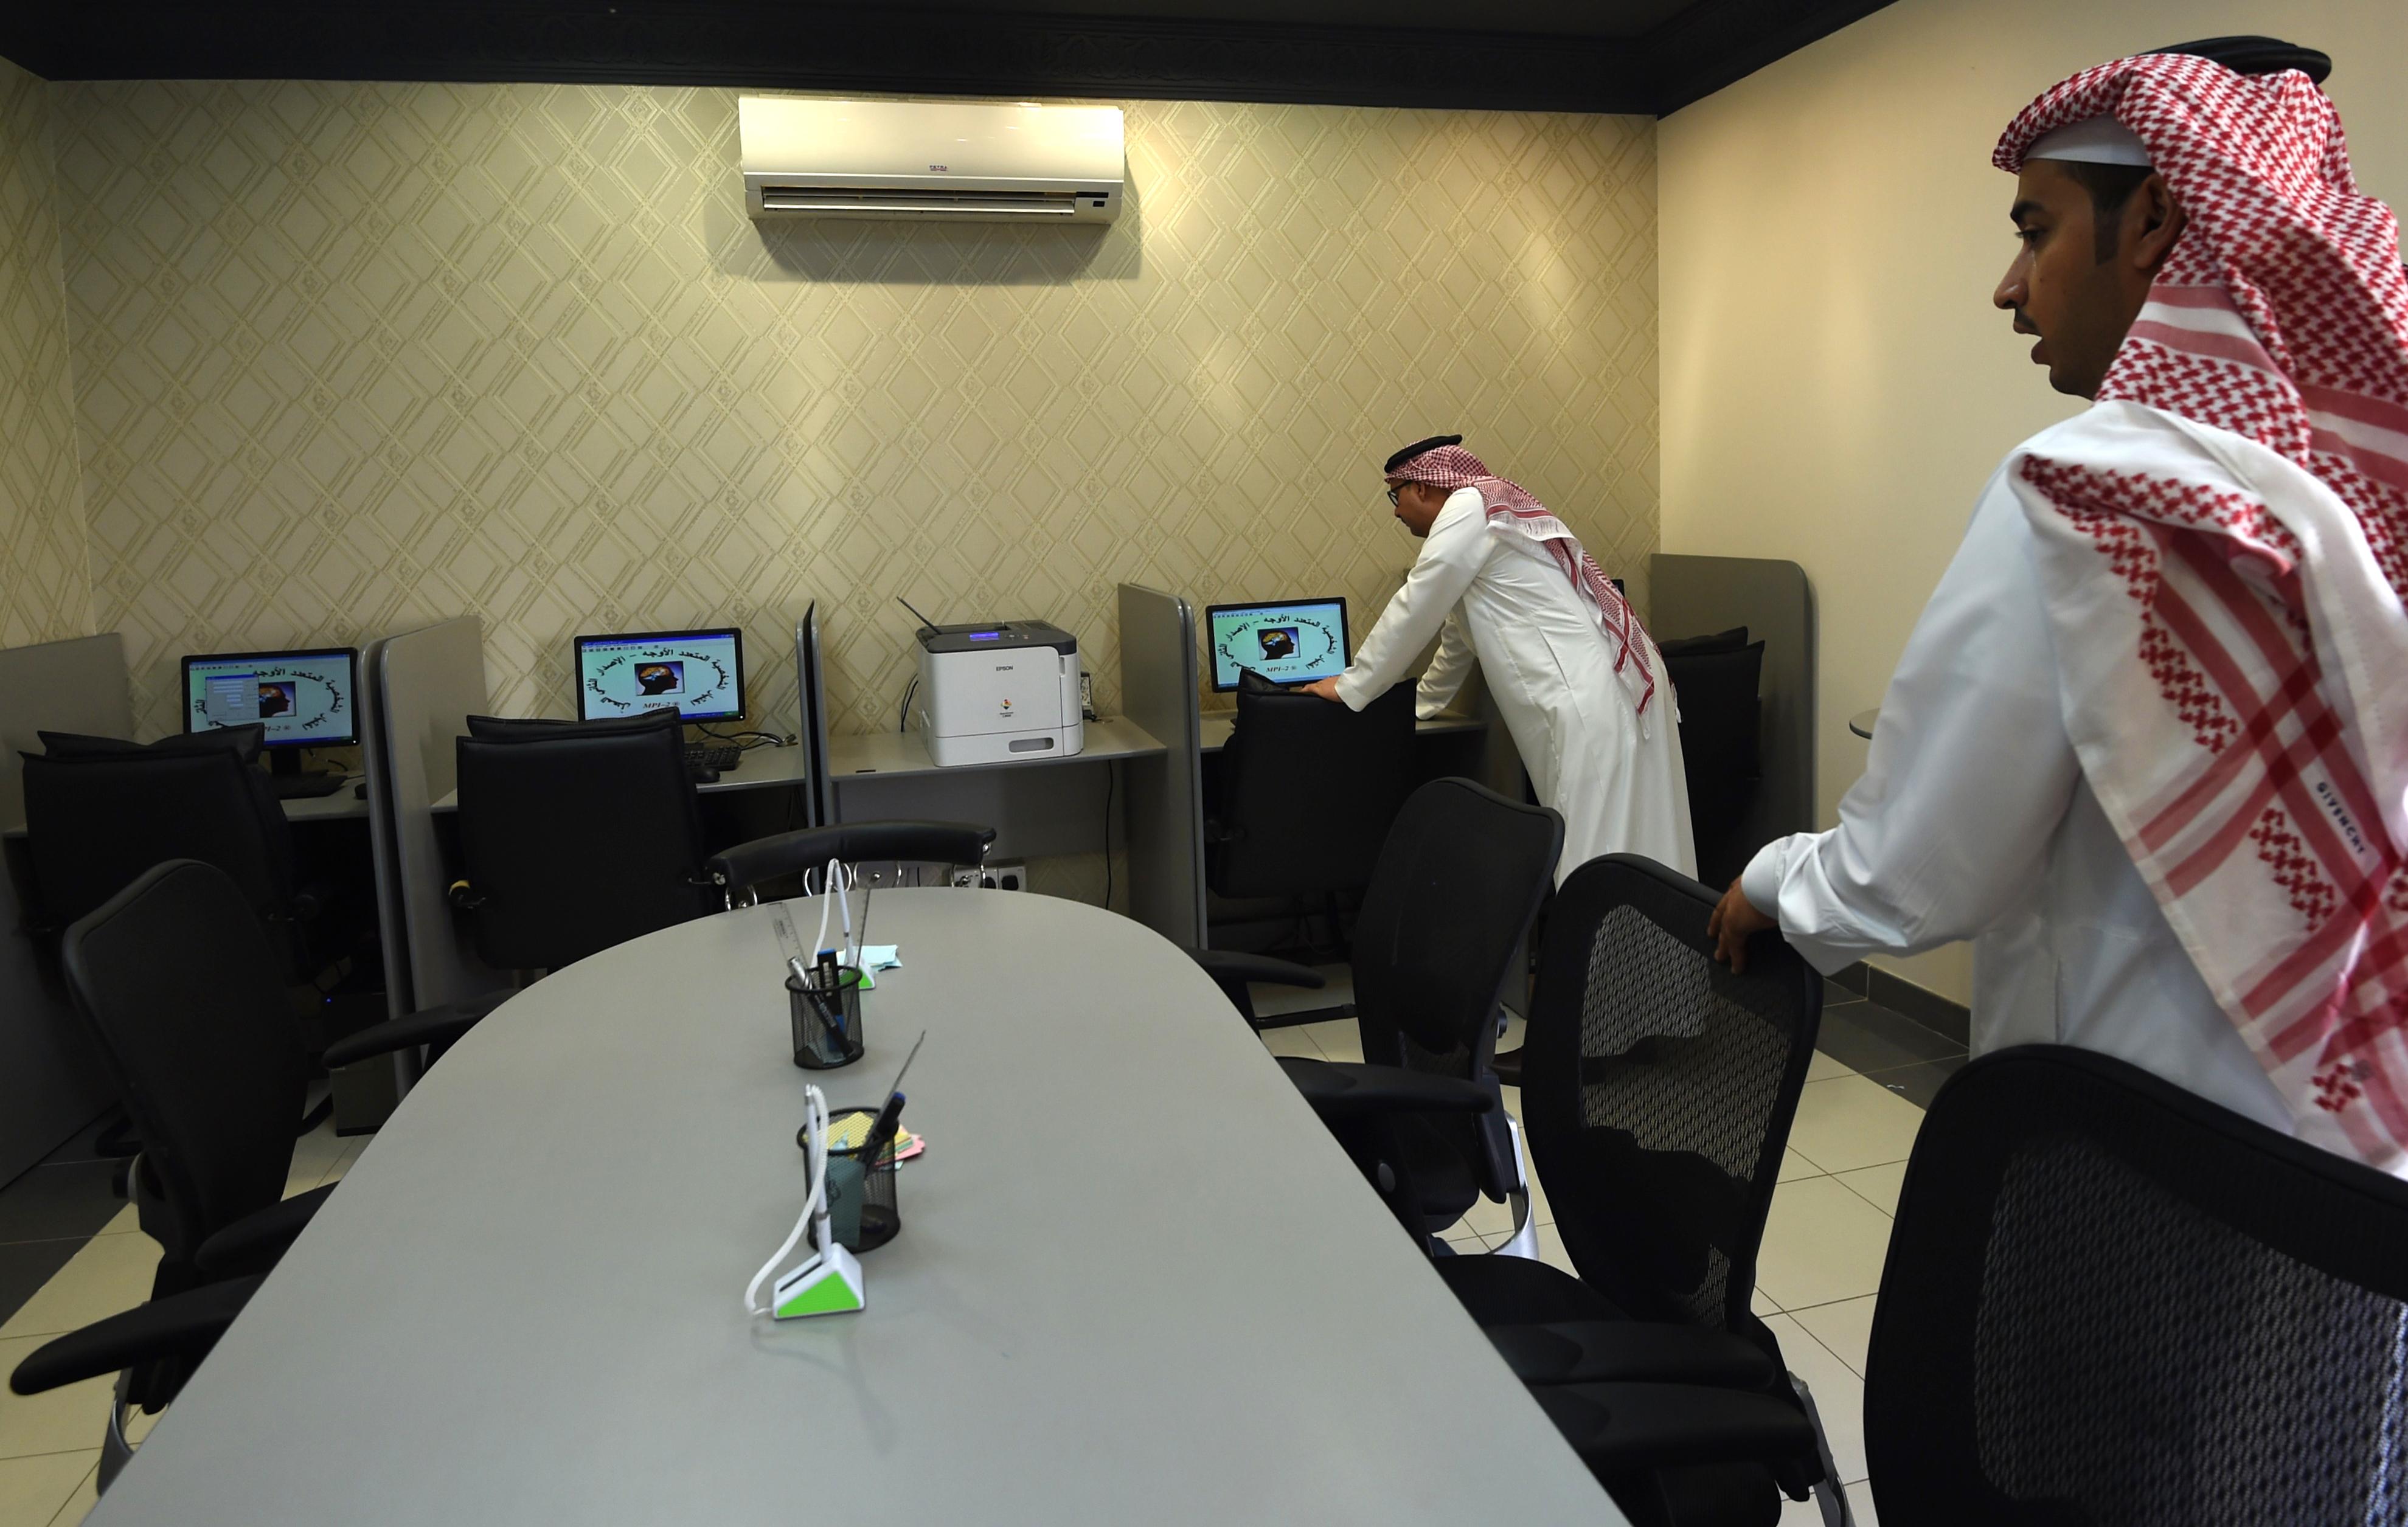 غرفة الكمبيوتر في مركز محمد بن نايف للمناصحة/وكالة الصحافة الفرنسية